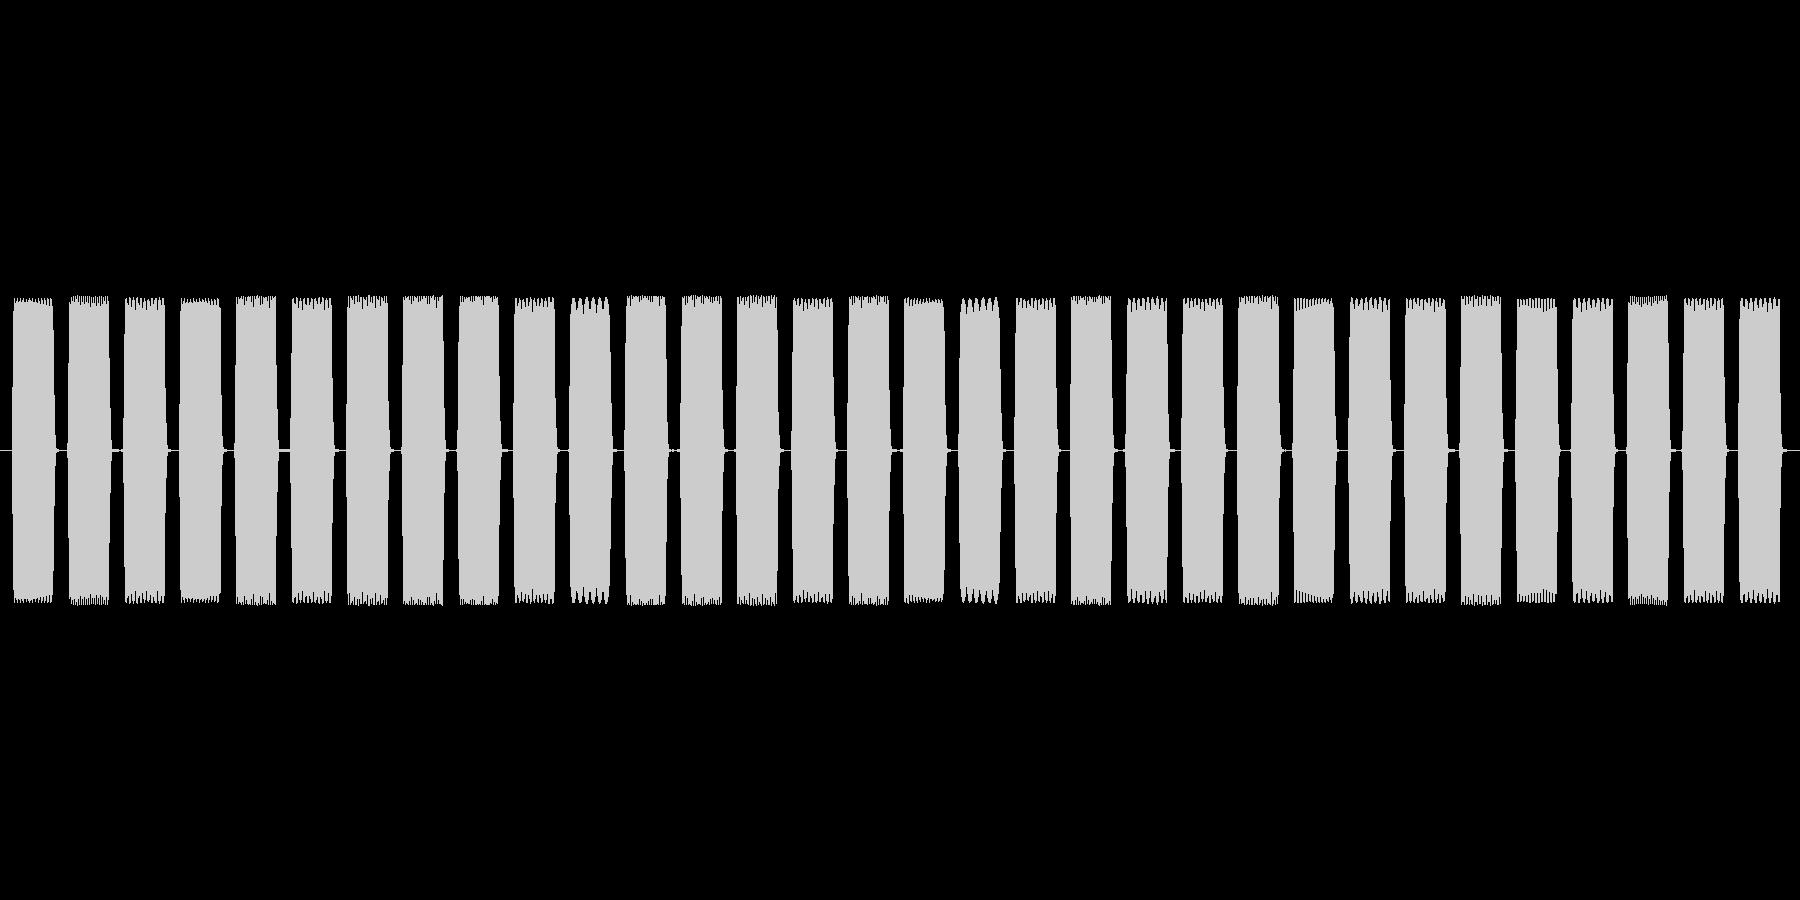 ピピピピ...(目覚まし時計、アラーム)の未再生の波形